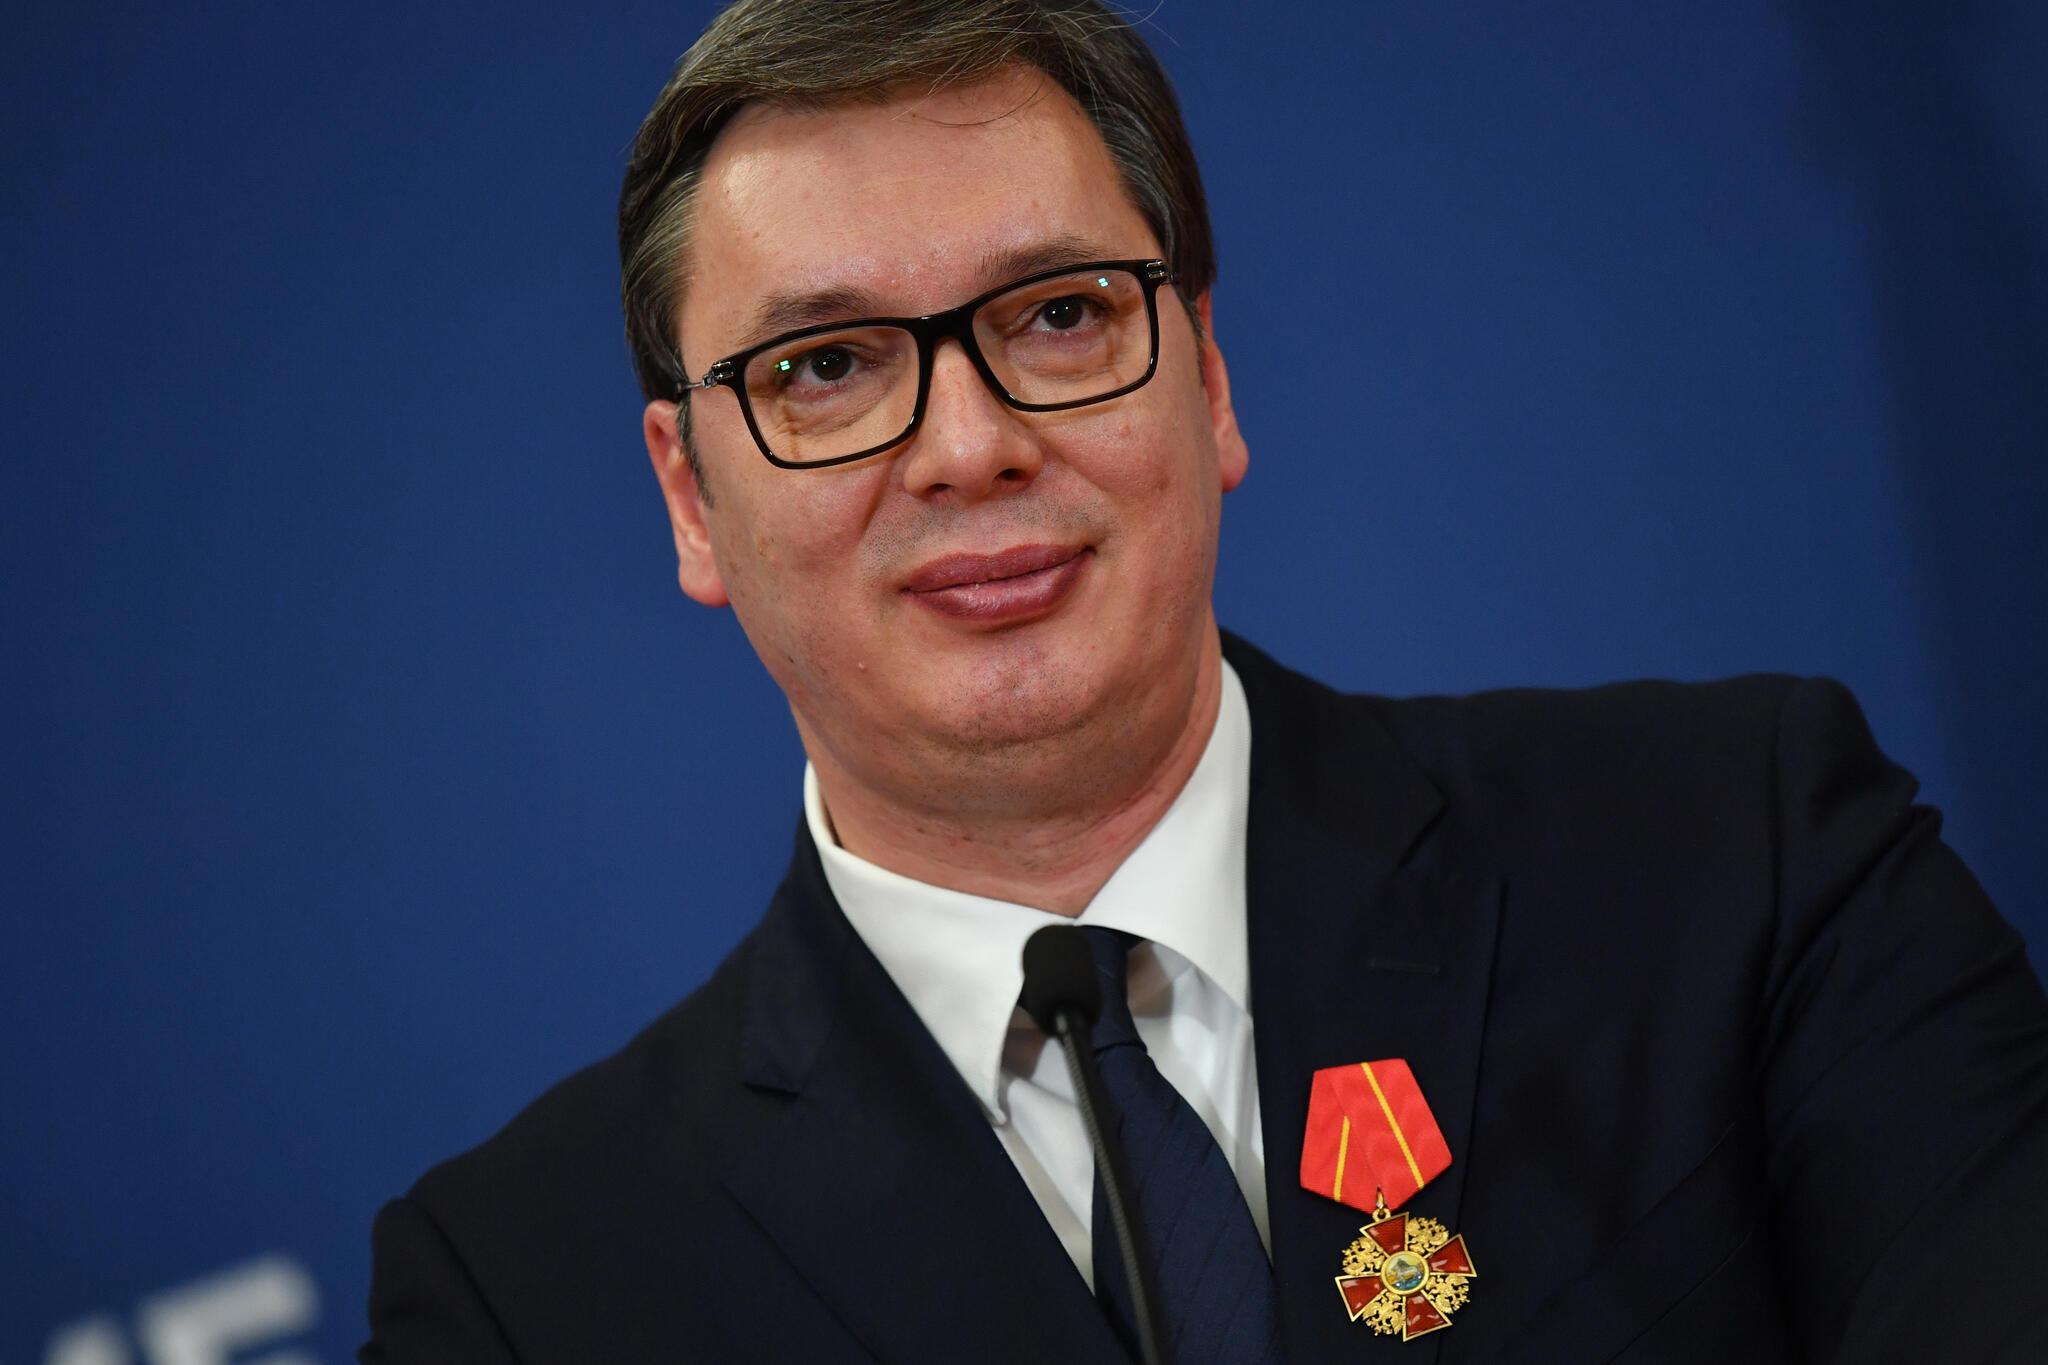 Le président serbe Aleksandar Vučić, lors d'une conférence de presse donnée à Belgrade, le 17 janvier 2019.